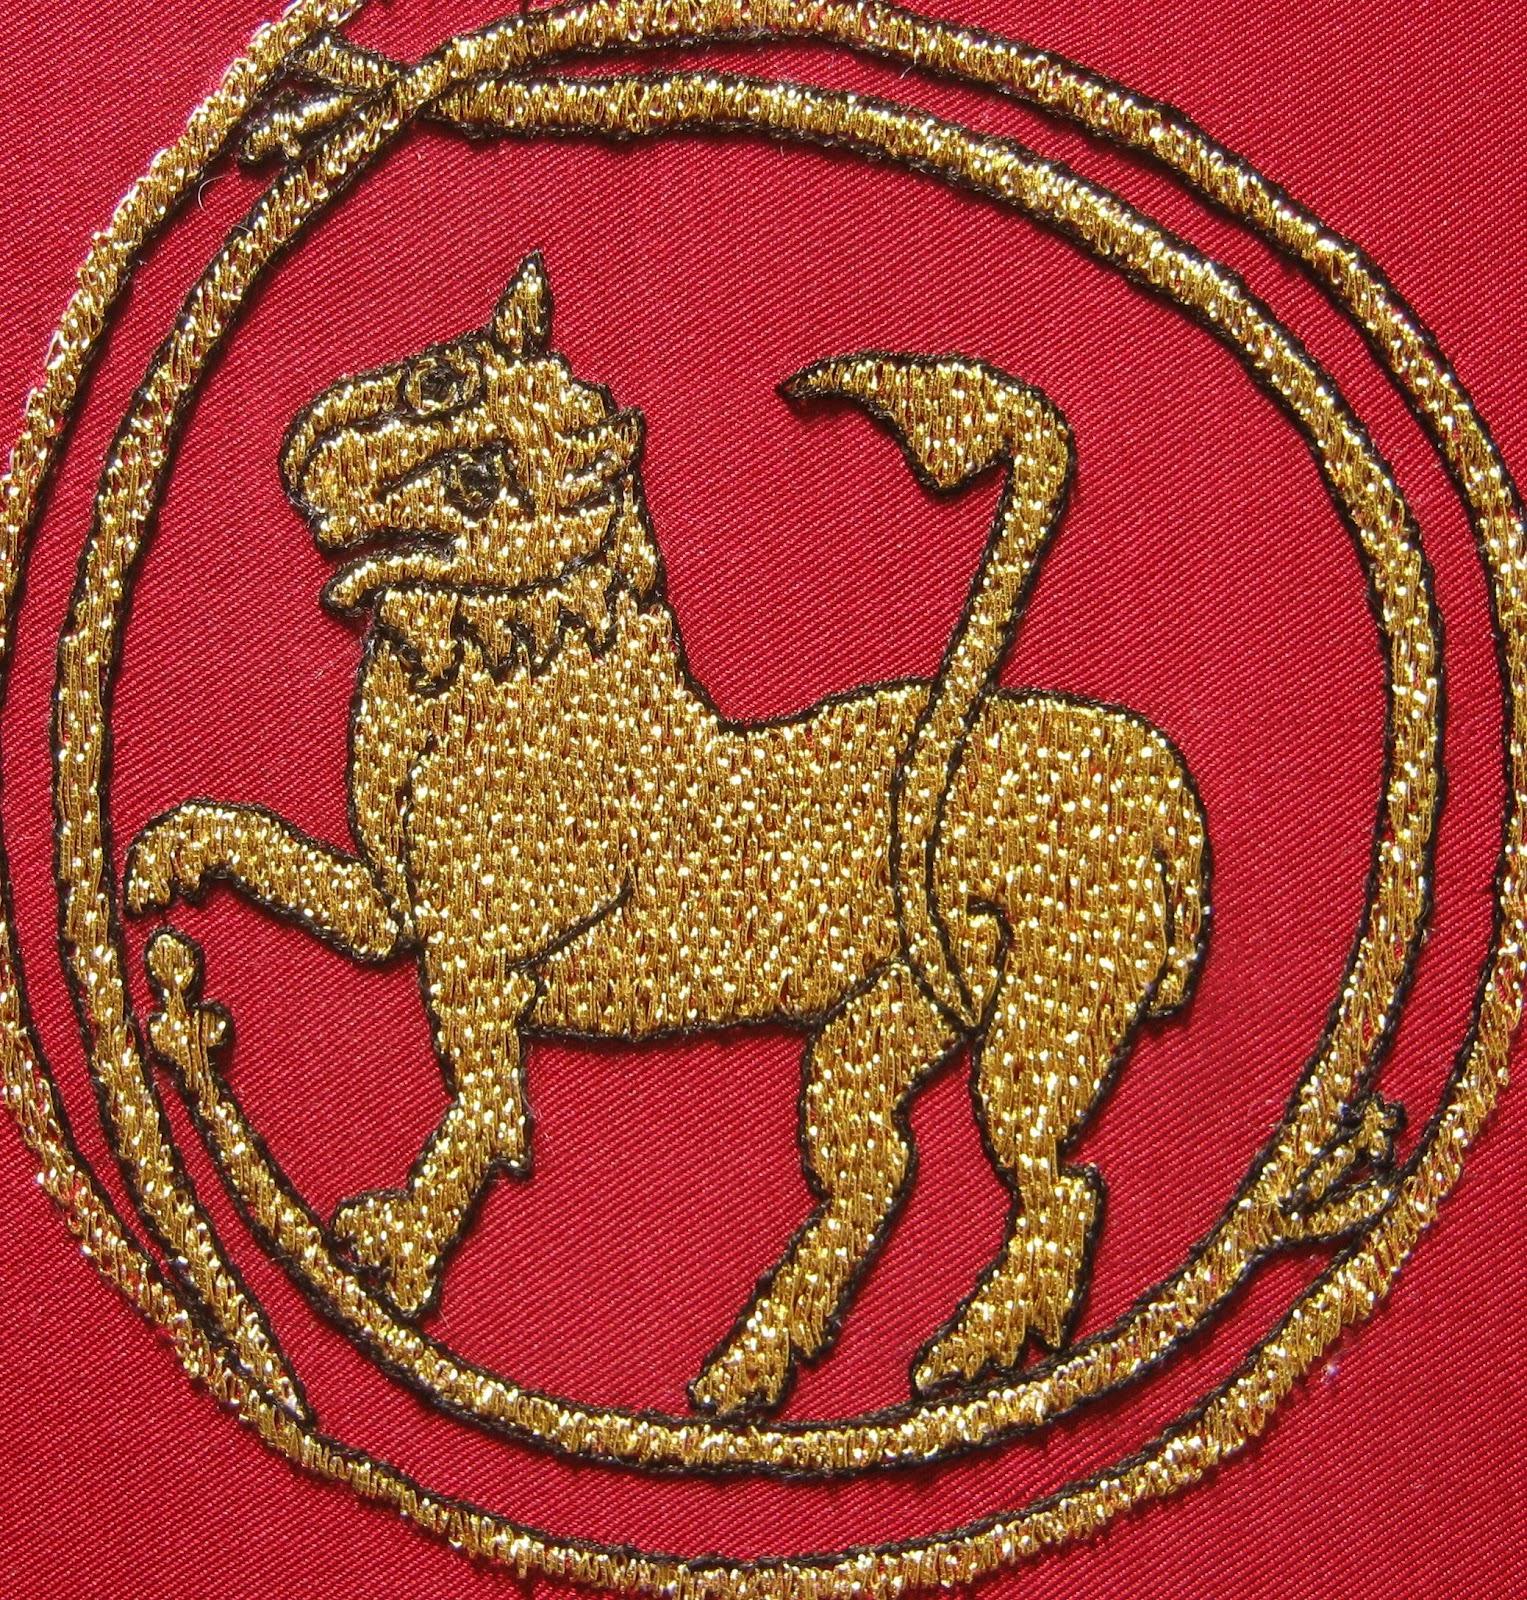 http://3.bp.blogspot.com/-7vnimn0um9k/UAJRVgtZIOI/AAAAAAAAApA/whgEHzGkdPk/s1600/underside_lion.JPG